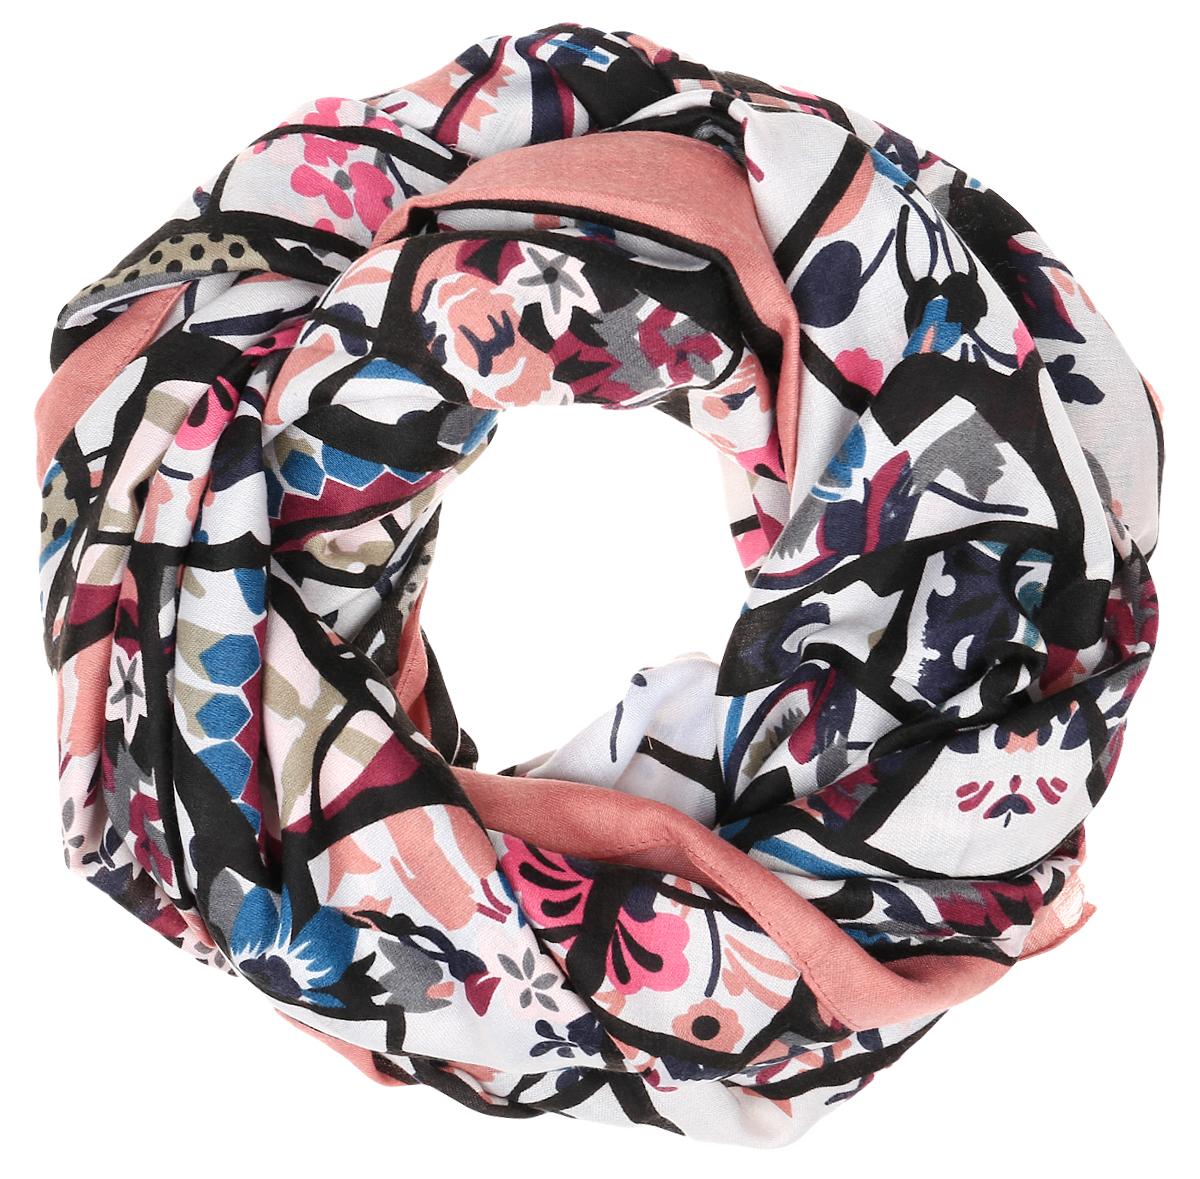 ШарфTUTF415-1Женский шарф Fabretti подарит уют и согреет от холодного ветра. Изготовленный из высококачественной вискозы, он очень легкий, мягкий, имеет приятную на ощупь текстуру. Модель оформлена принтом, украшена по краям кисточками. Такой аксессуар станет стильным дополнением к образу современной женщины, стремящейся всегда оставаться яркой и элегантной.